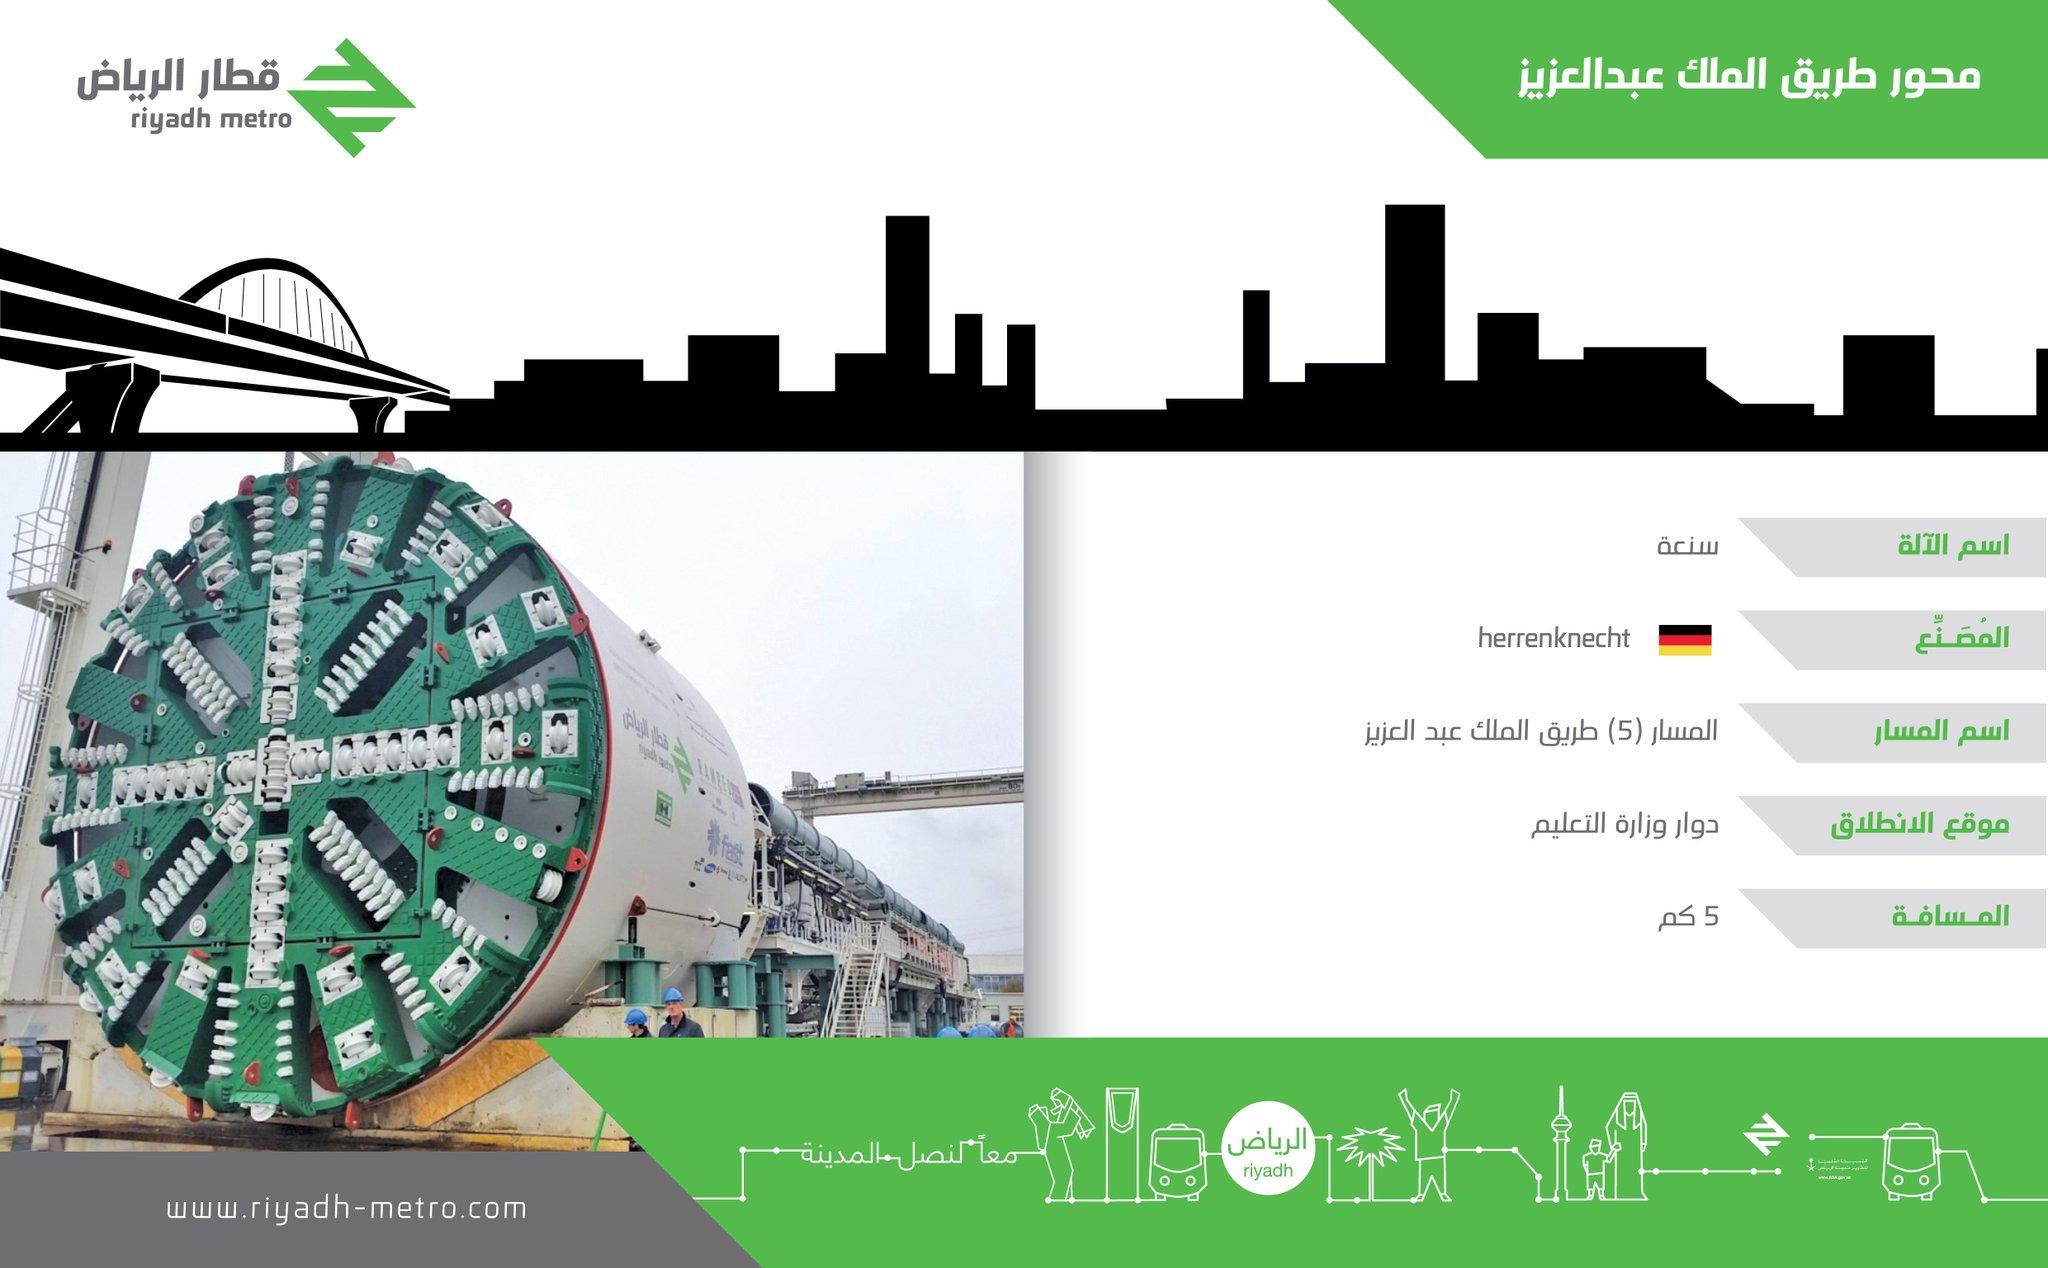 السعوديه دولة عظمى وفي طريقها الى العالم الأول  - صفحة 3 CD1SX1MUkAAWjhq